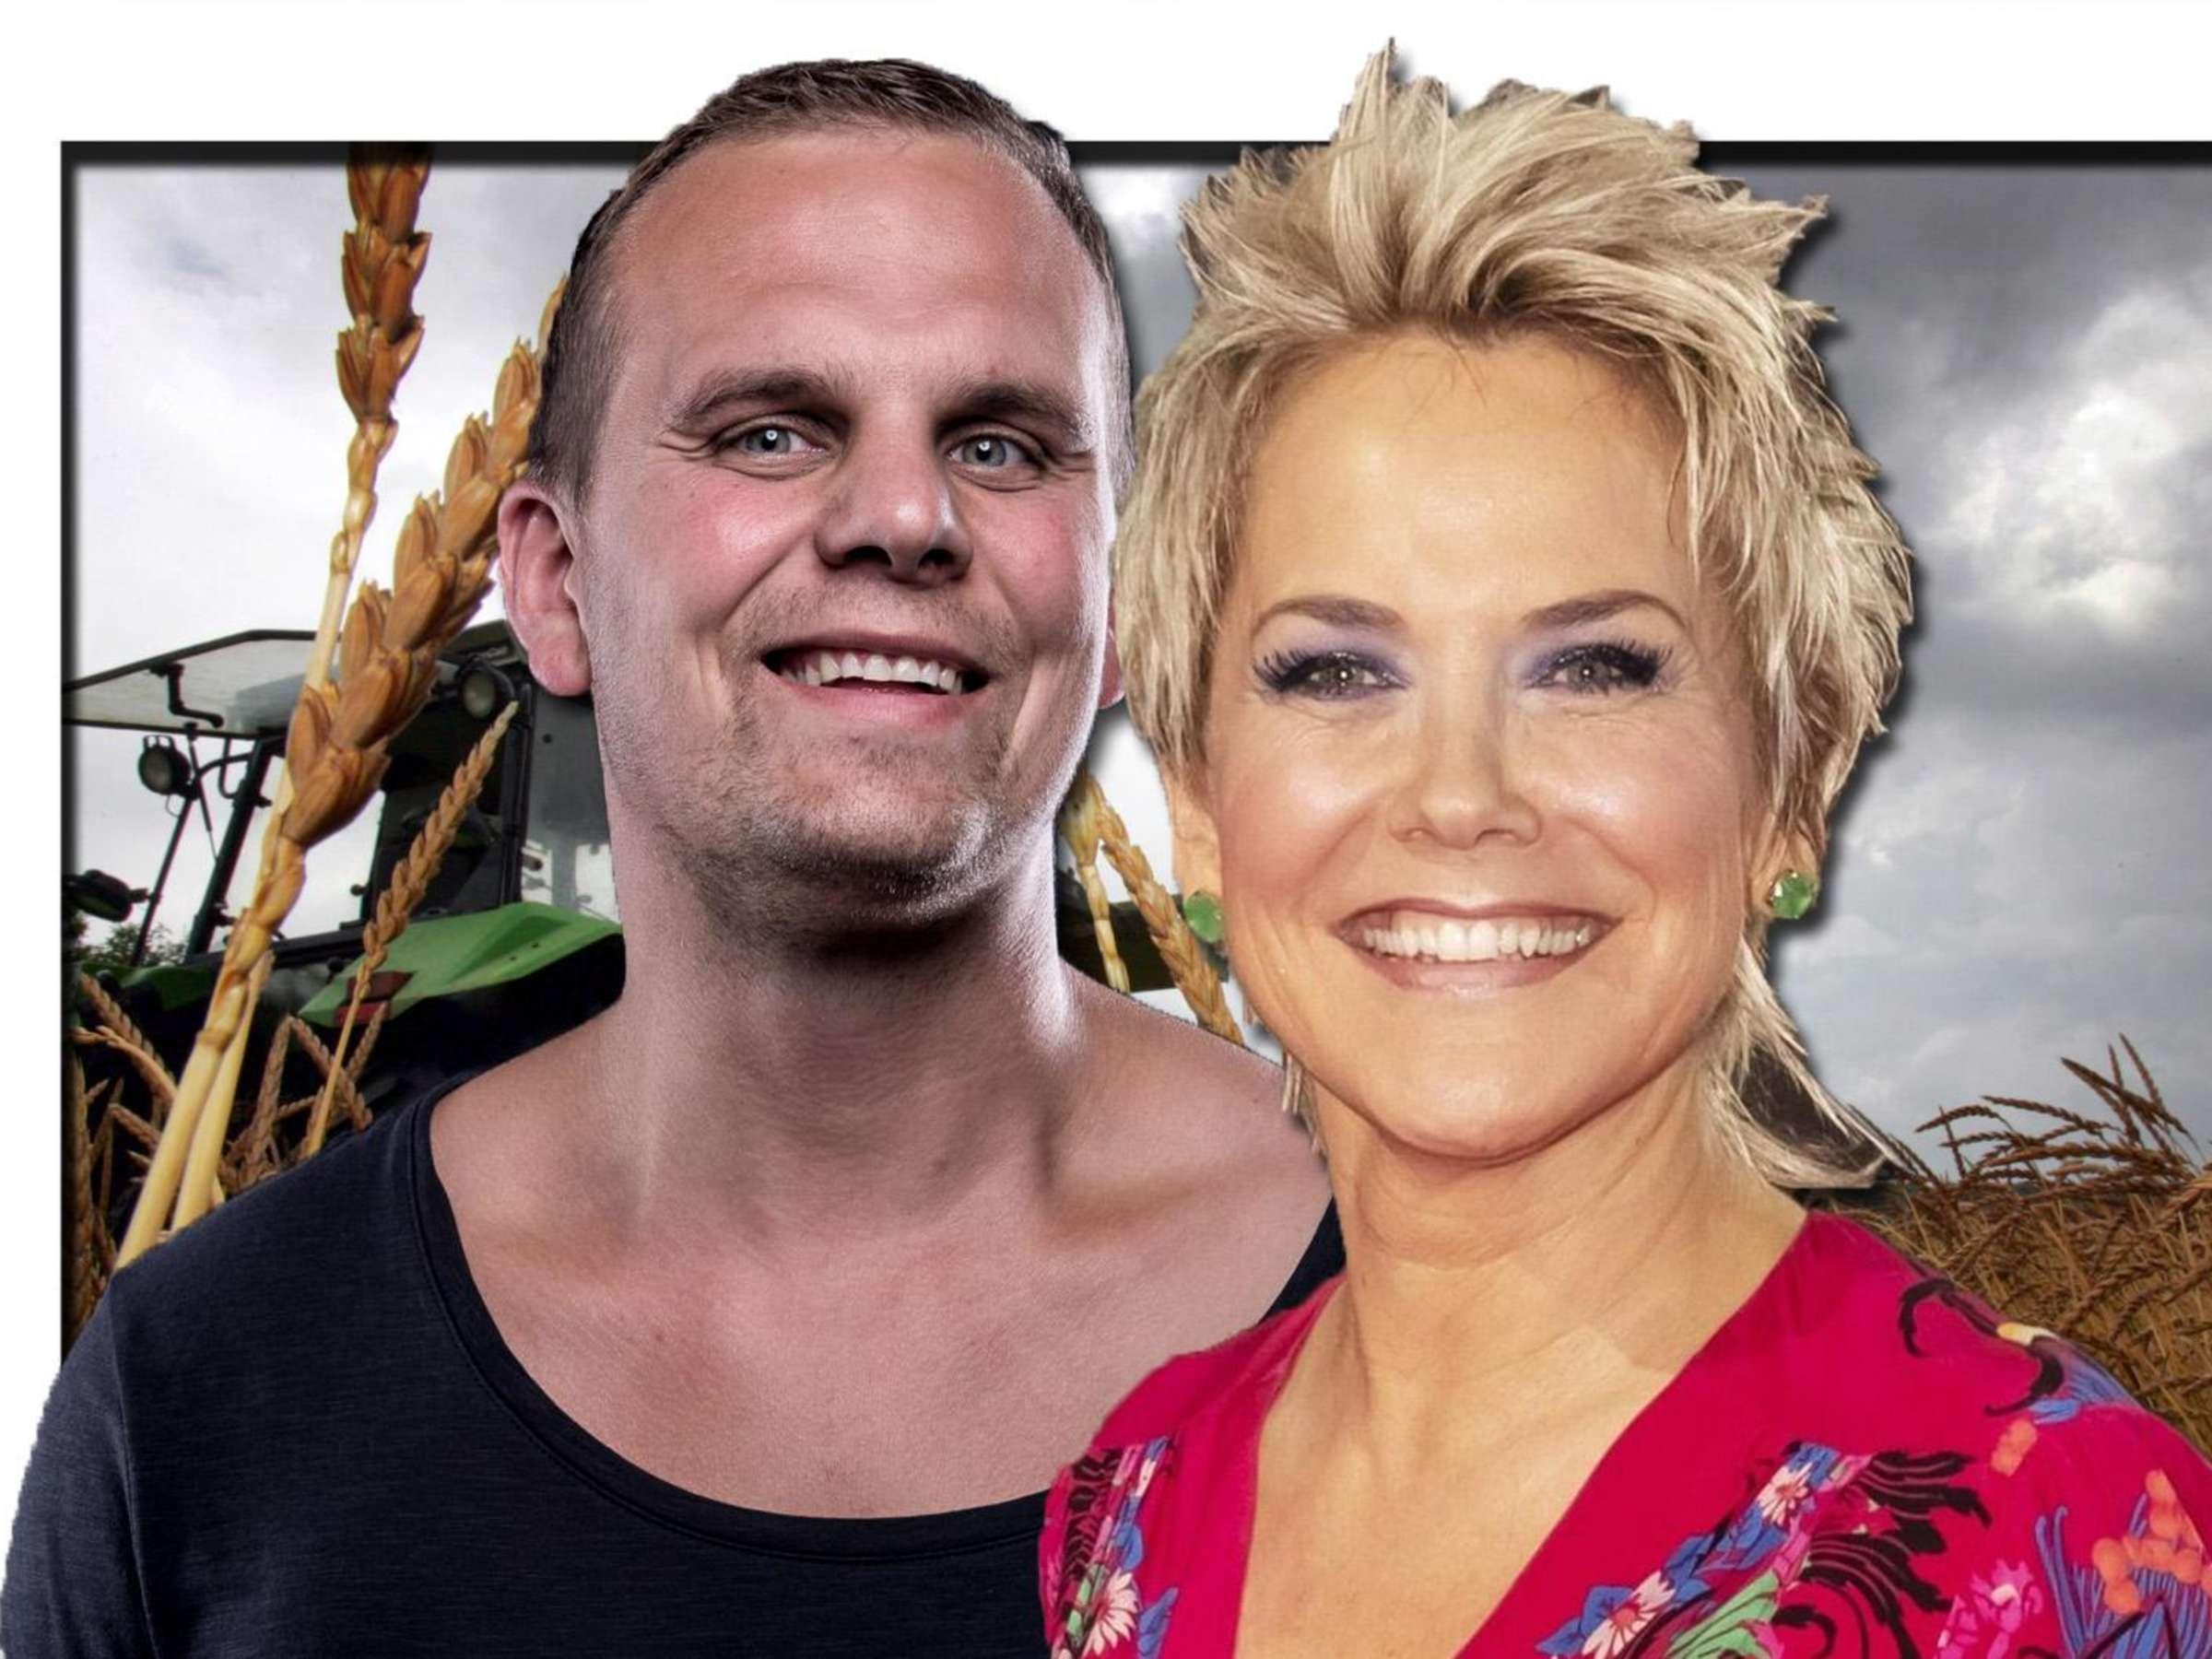 Aus kandidat bauer mittelfranken sucht frau Bauer gunther